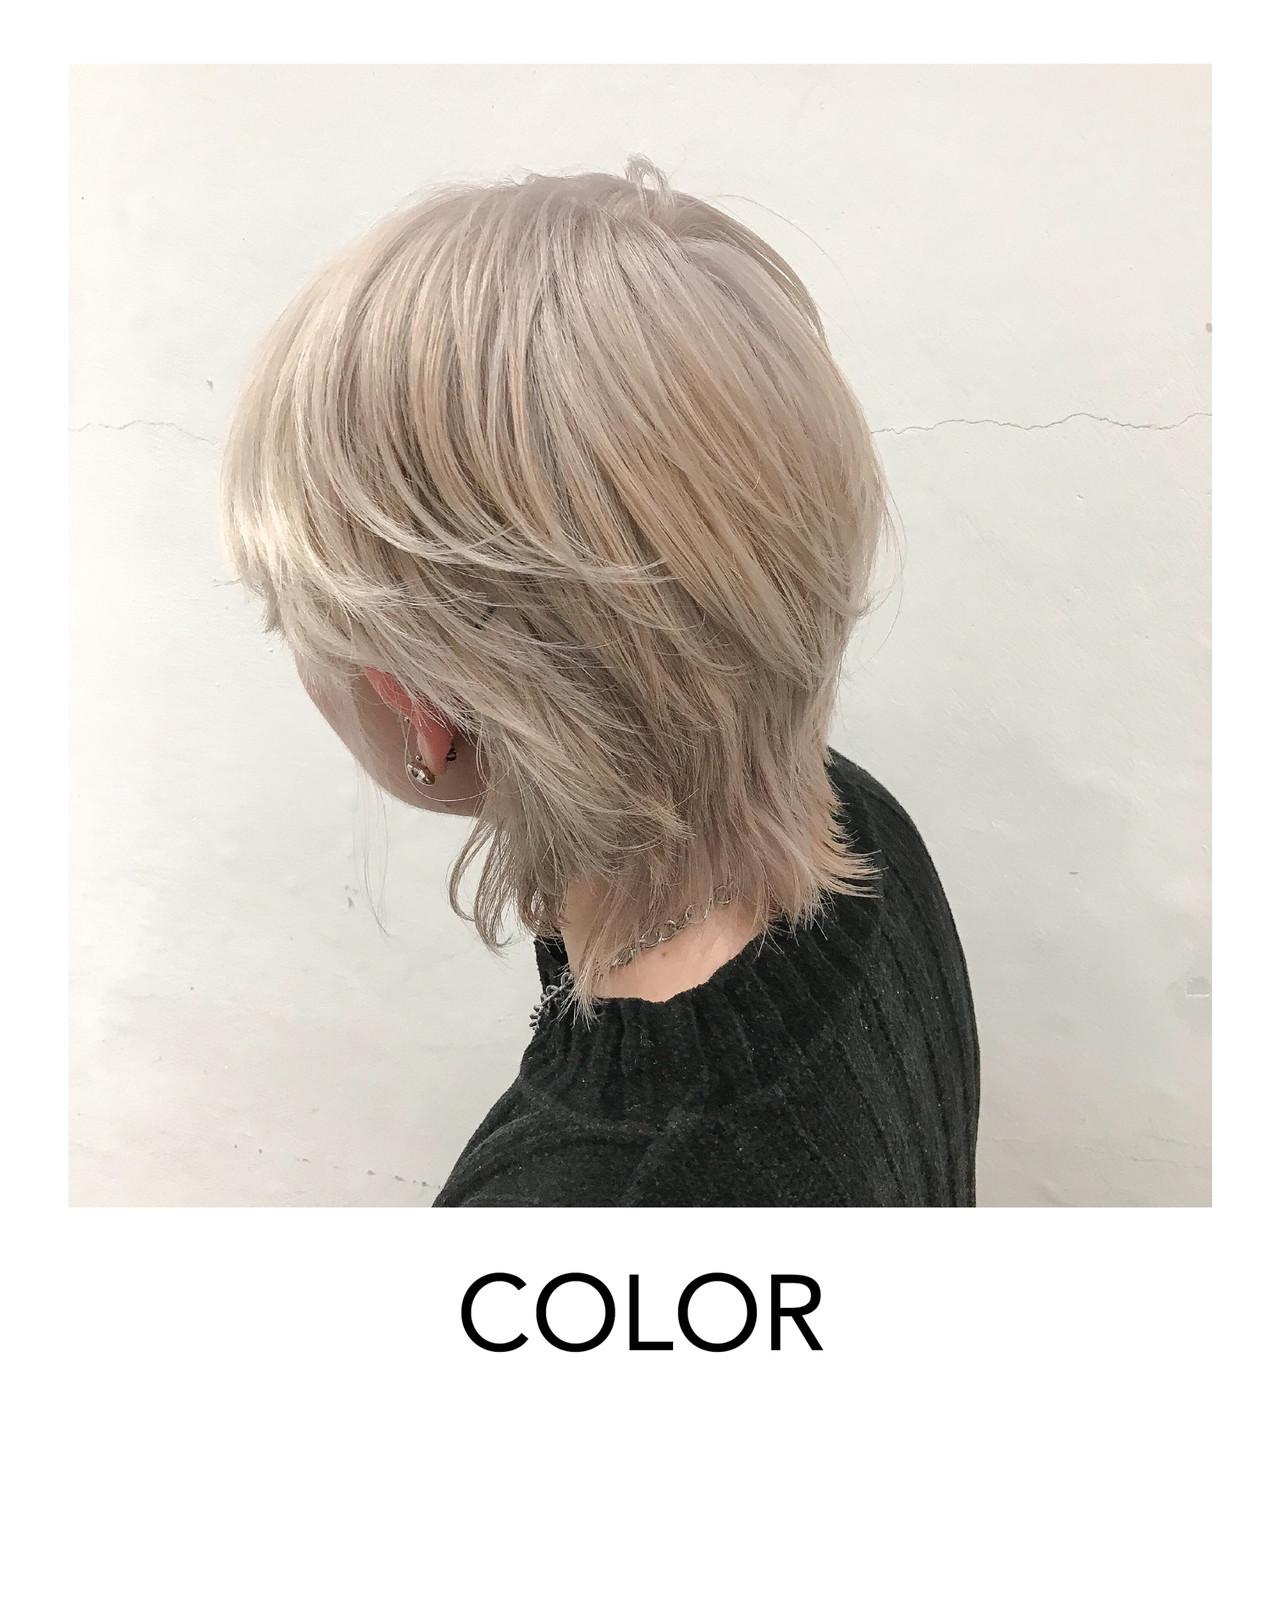 ハイトーンカラー 原宿 モード ホワイトブリーチ ヘアスタイルや髪型の写真・画像